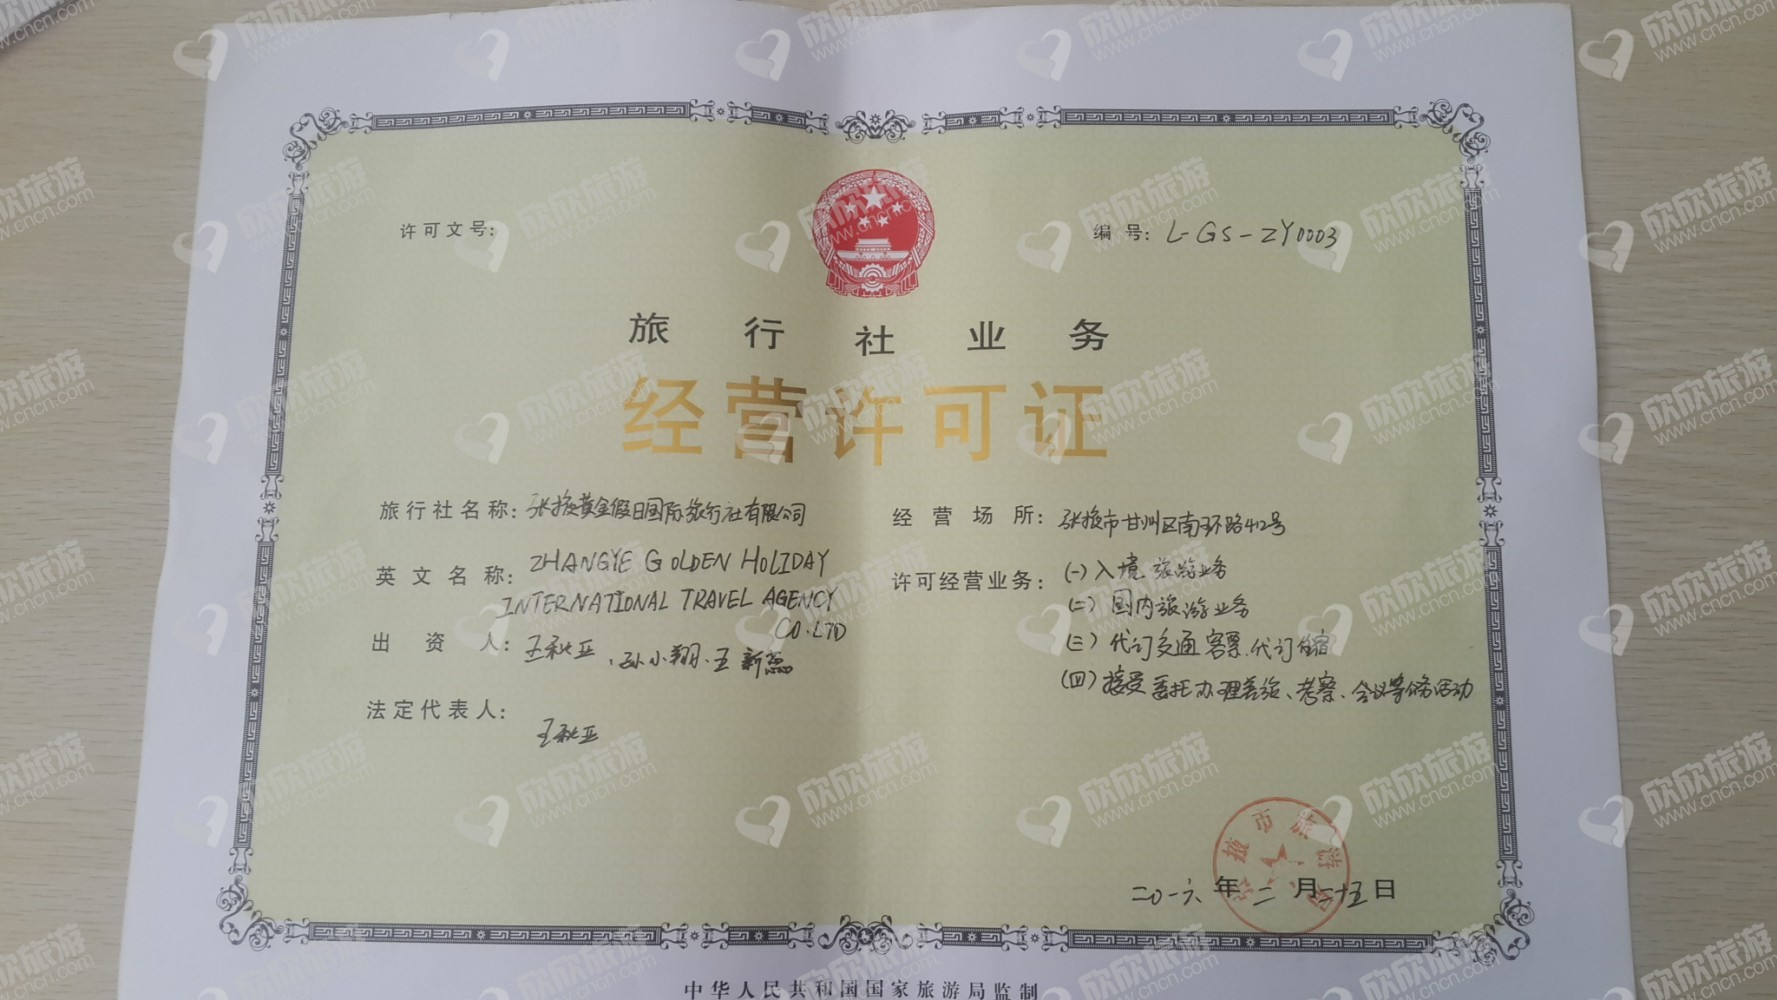 张掖黄金假日国际旅行社有限公司经营许可证